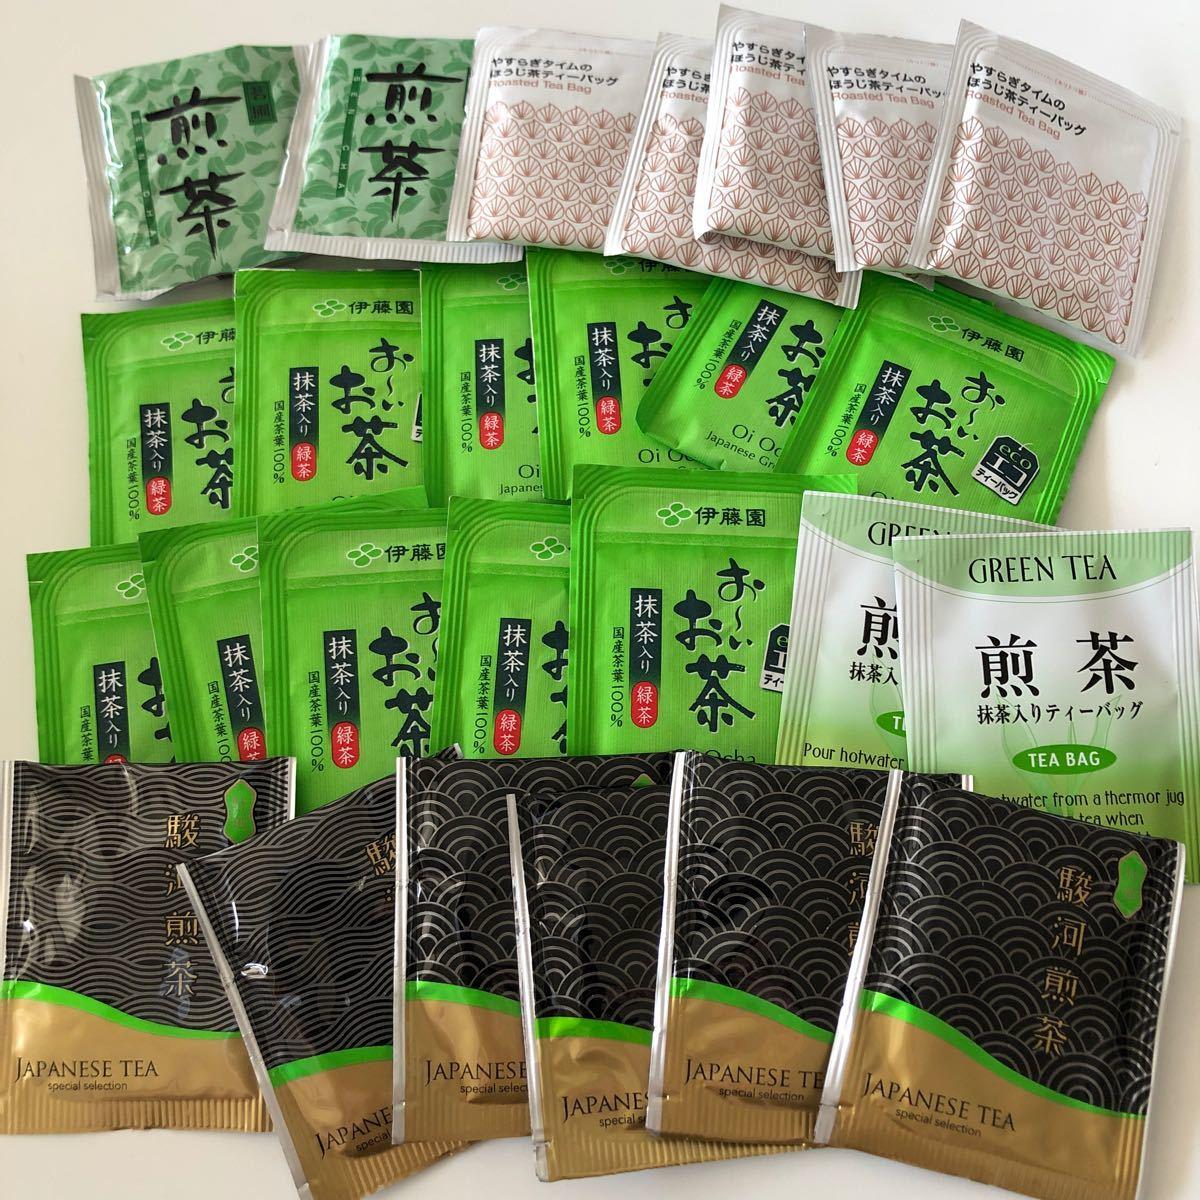 お茶 煎茶 ほうじ茶緑茶 ティーバッグ26個